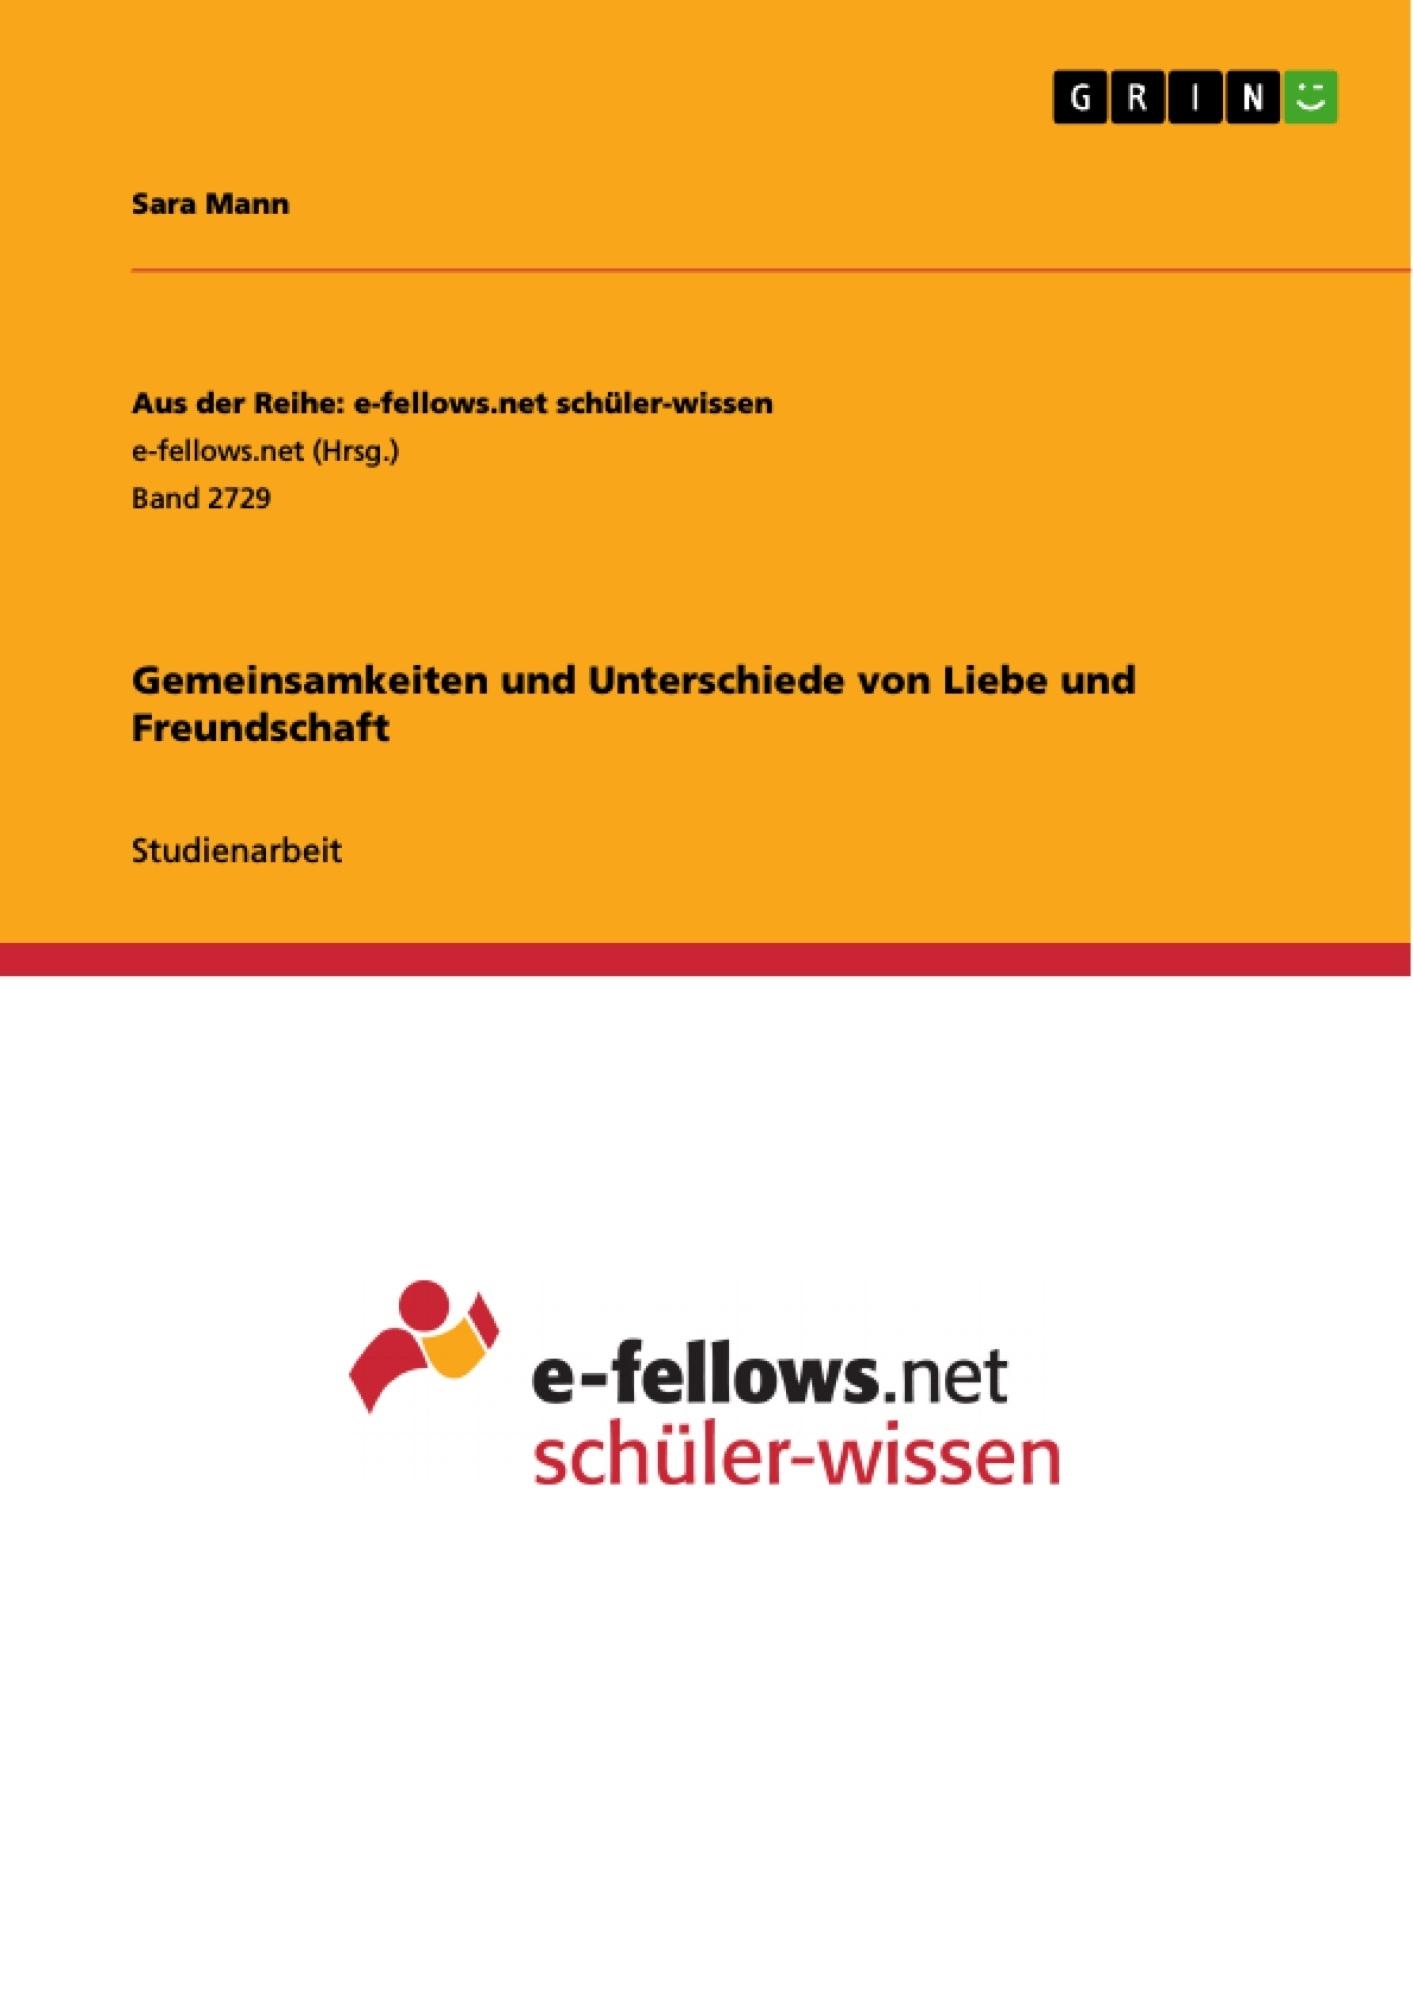 Titel: Gemeinsamkeiten und Unterschiede von Liebe und Freundschaft